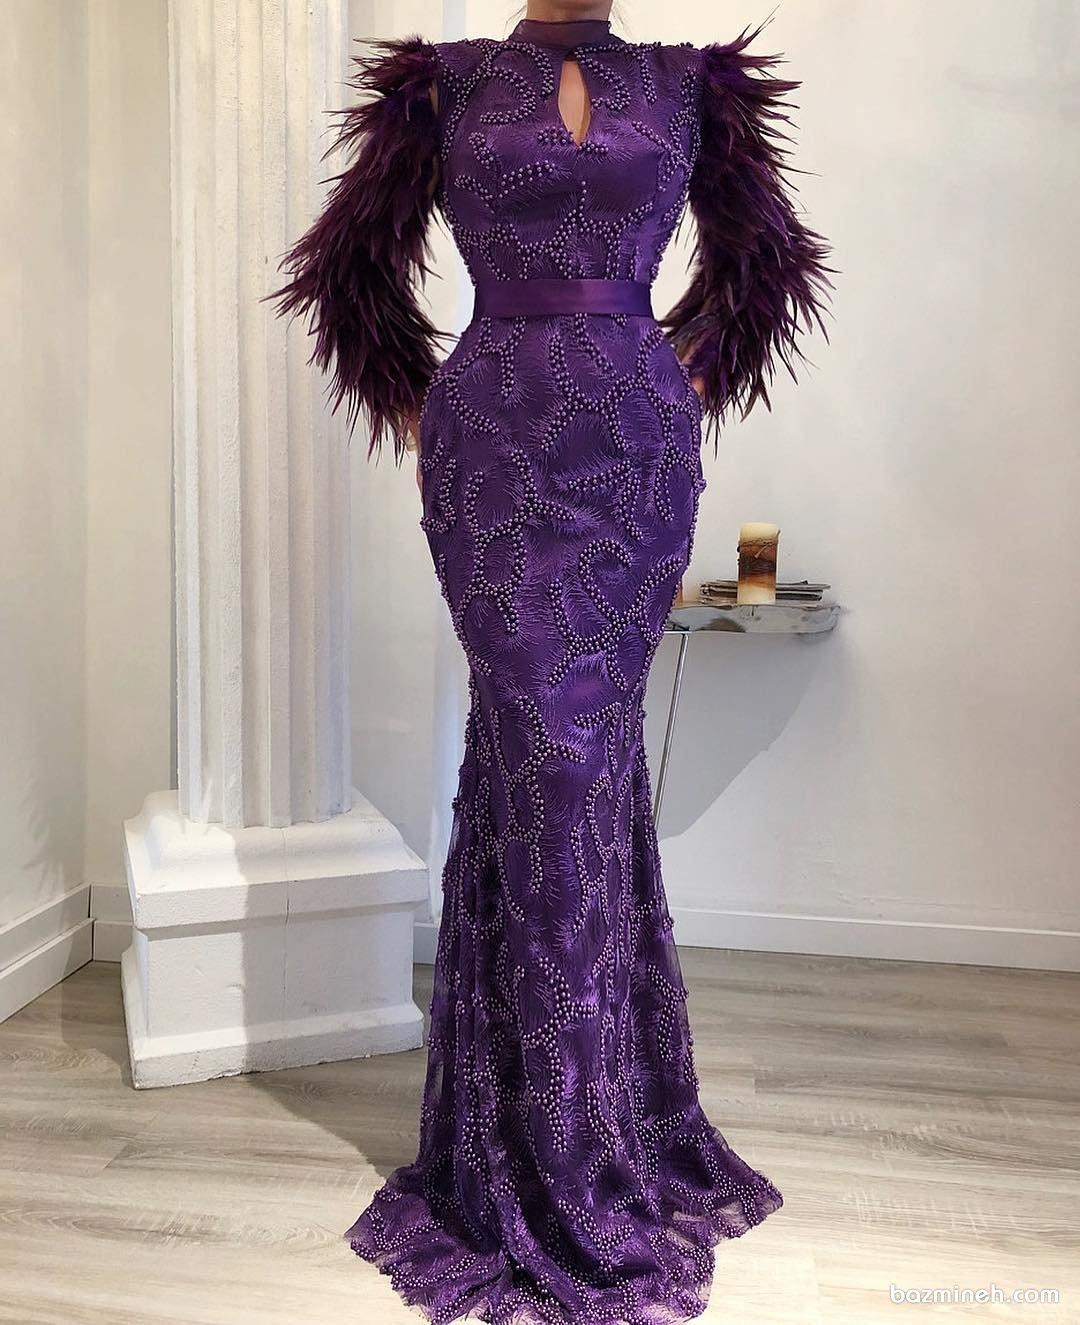 لباس مجلسی زنانه ماکسی با پارچه بنفش مروارید دوزی شده و آستین های متفاوت پیشنهادی خاص برای ساقدوش های عروس